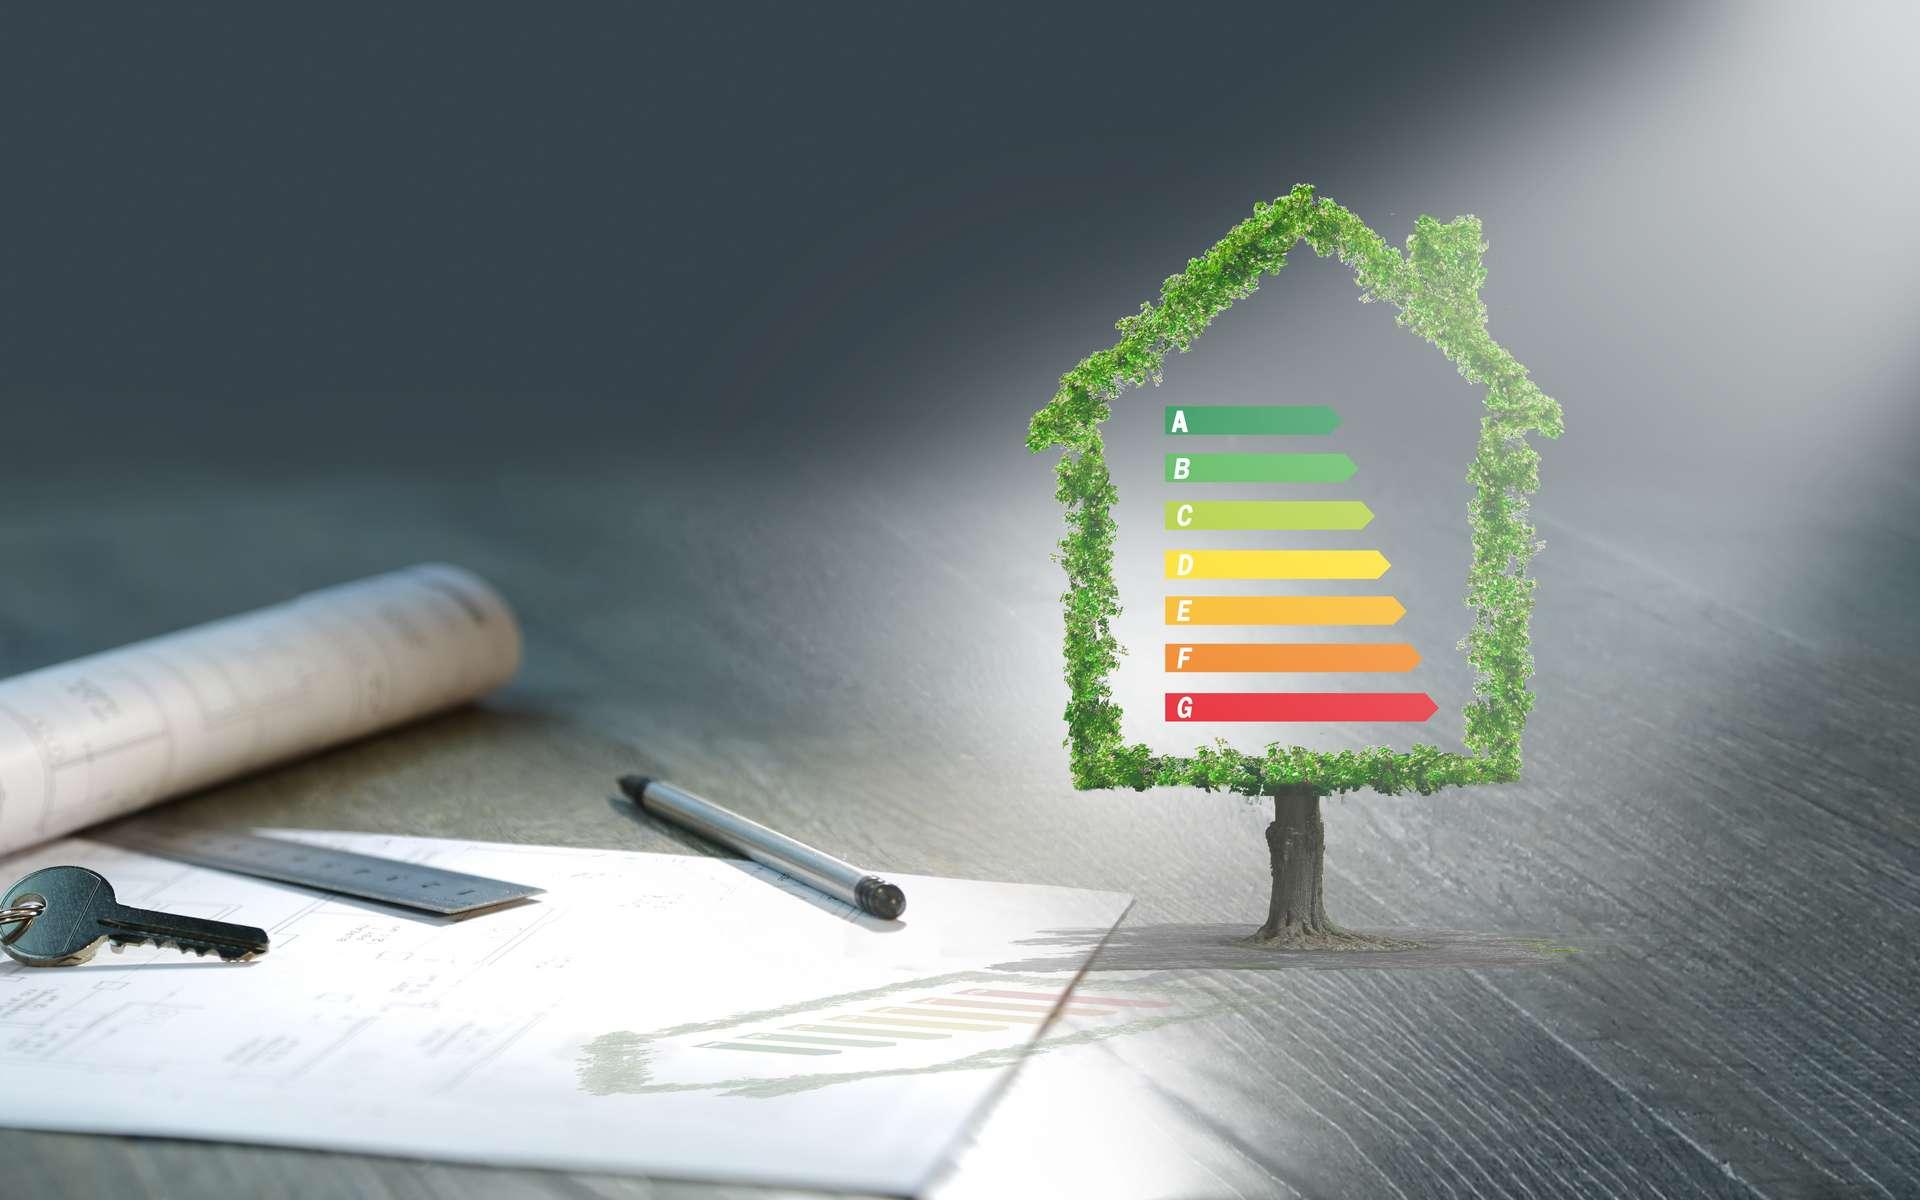 Echelle du Diagnostic Performance Energétique ou DPE © guy, Adobe Stock